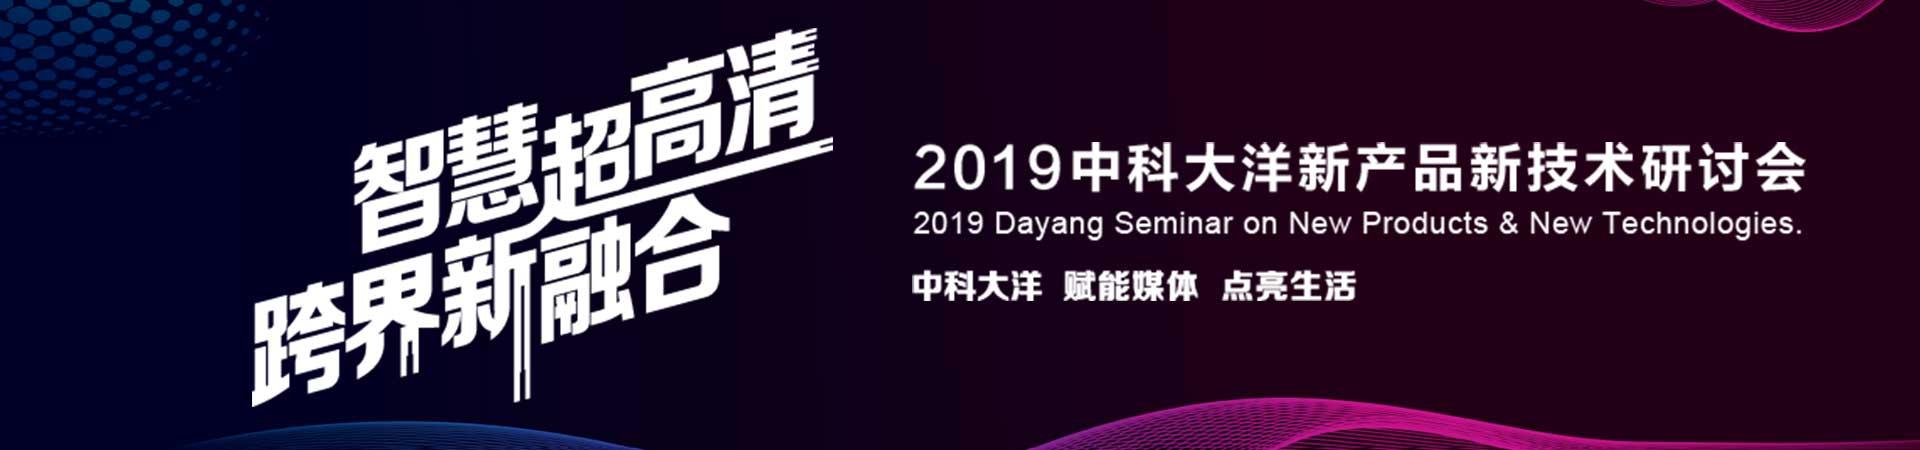 2019中科大洋新產品新技術研討會,期待您的蒞臨!